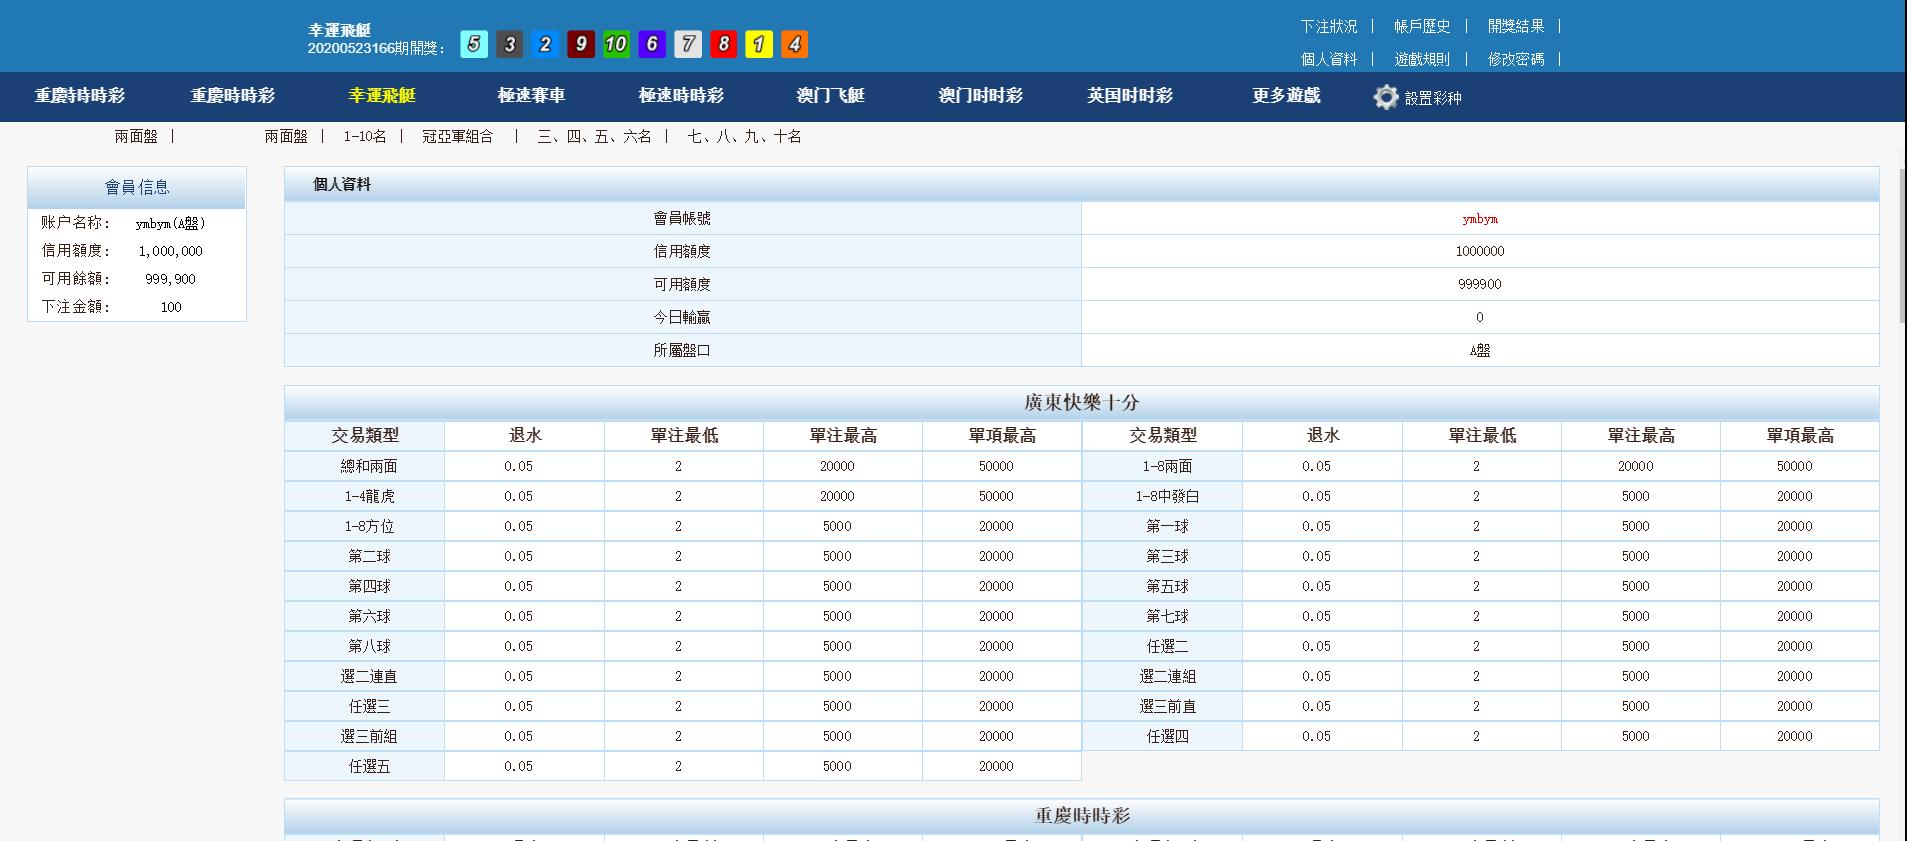 新蓝色UI幸运飞艇娱乐CP网站系统源码 带控制系统+安装教程-爱资源分享